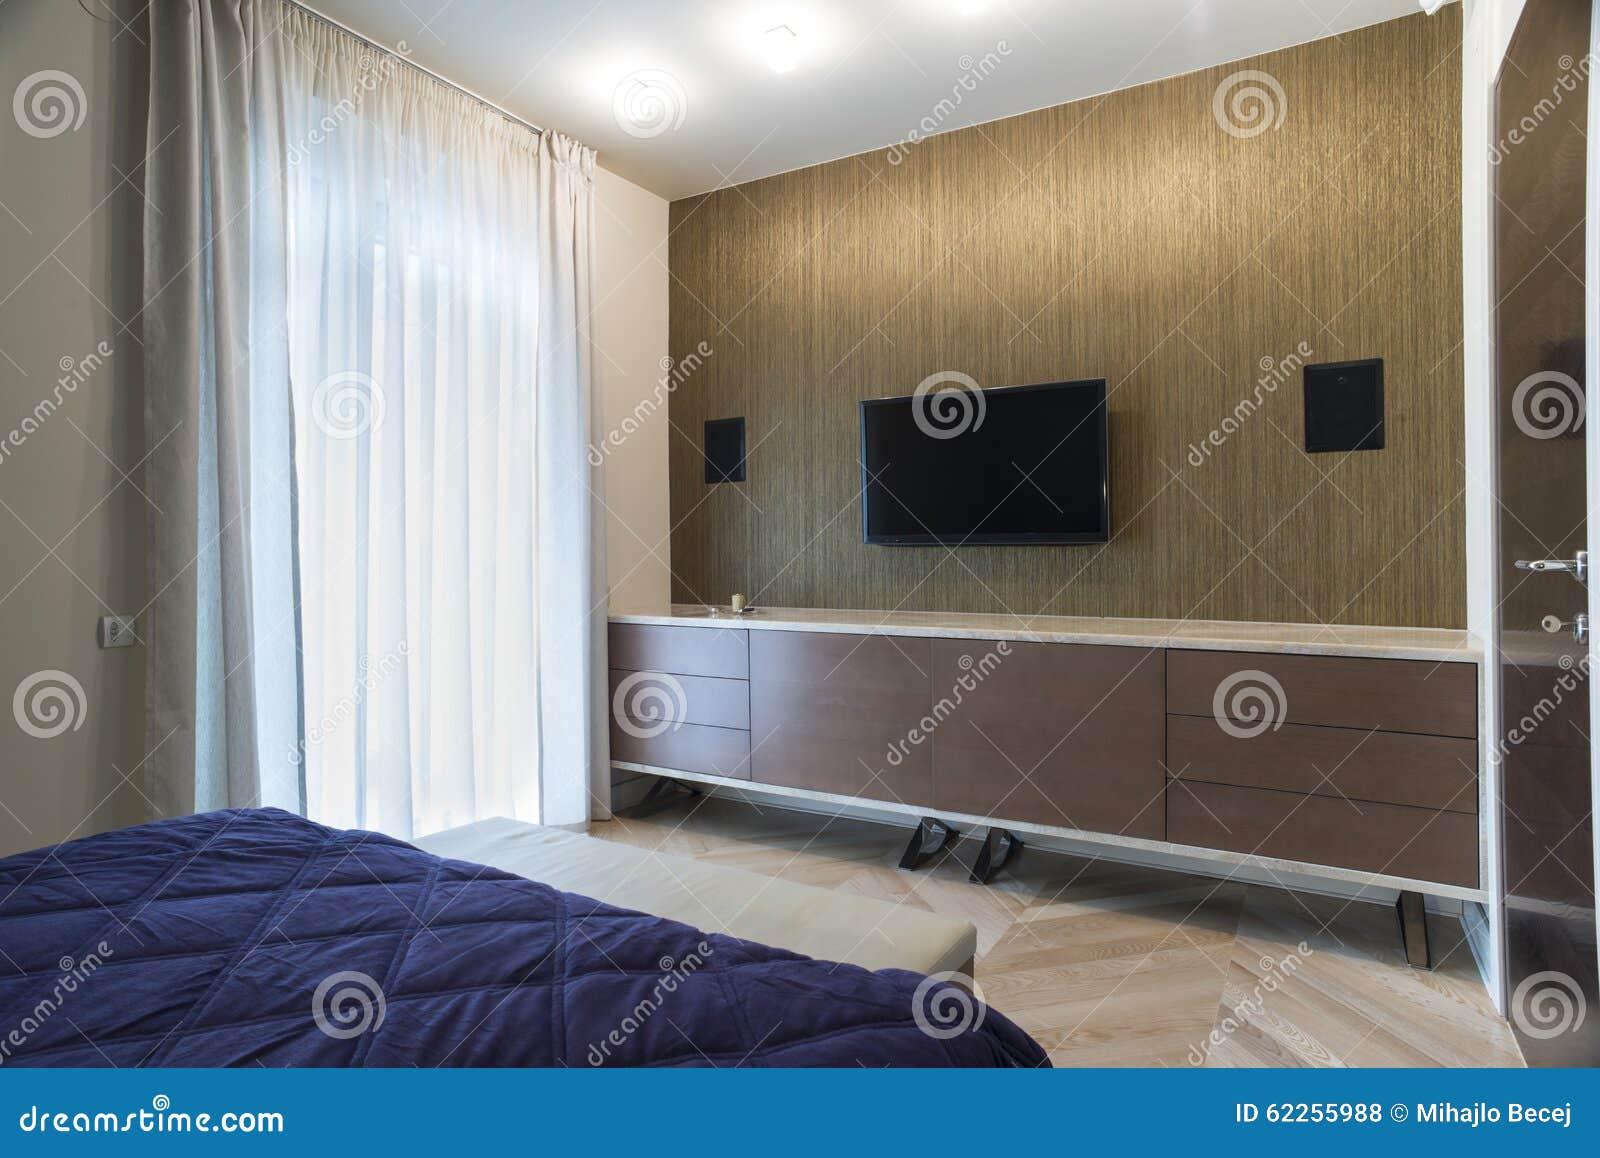 Sovruminre med v ggen monterade tv och h gtalare arkivfoto bild av lampa inget 62255988 - Altezza tv a parete camera da letto ...